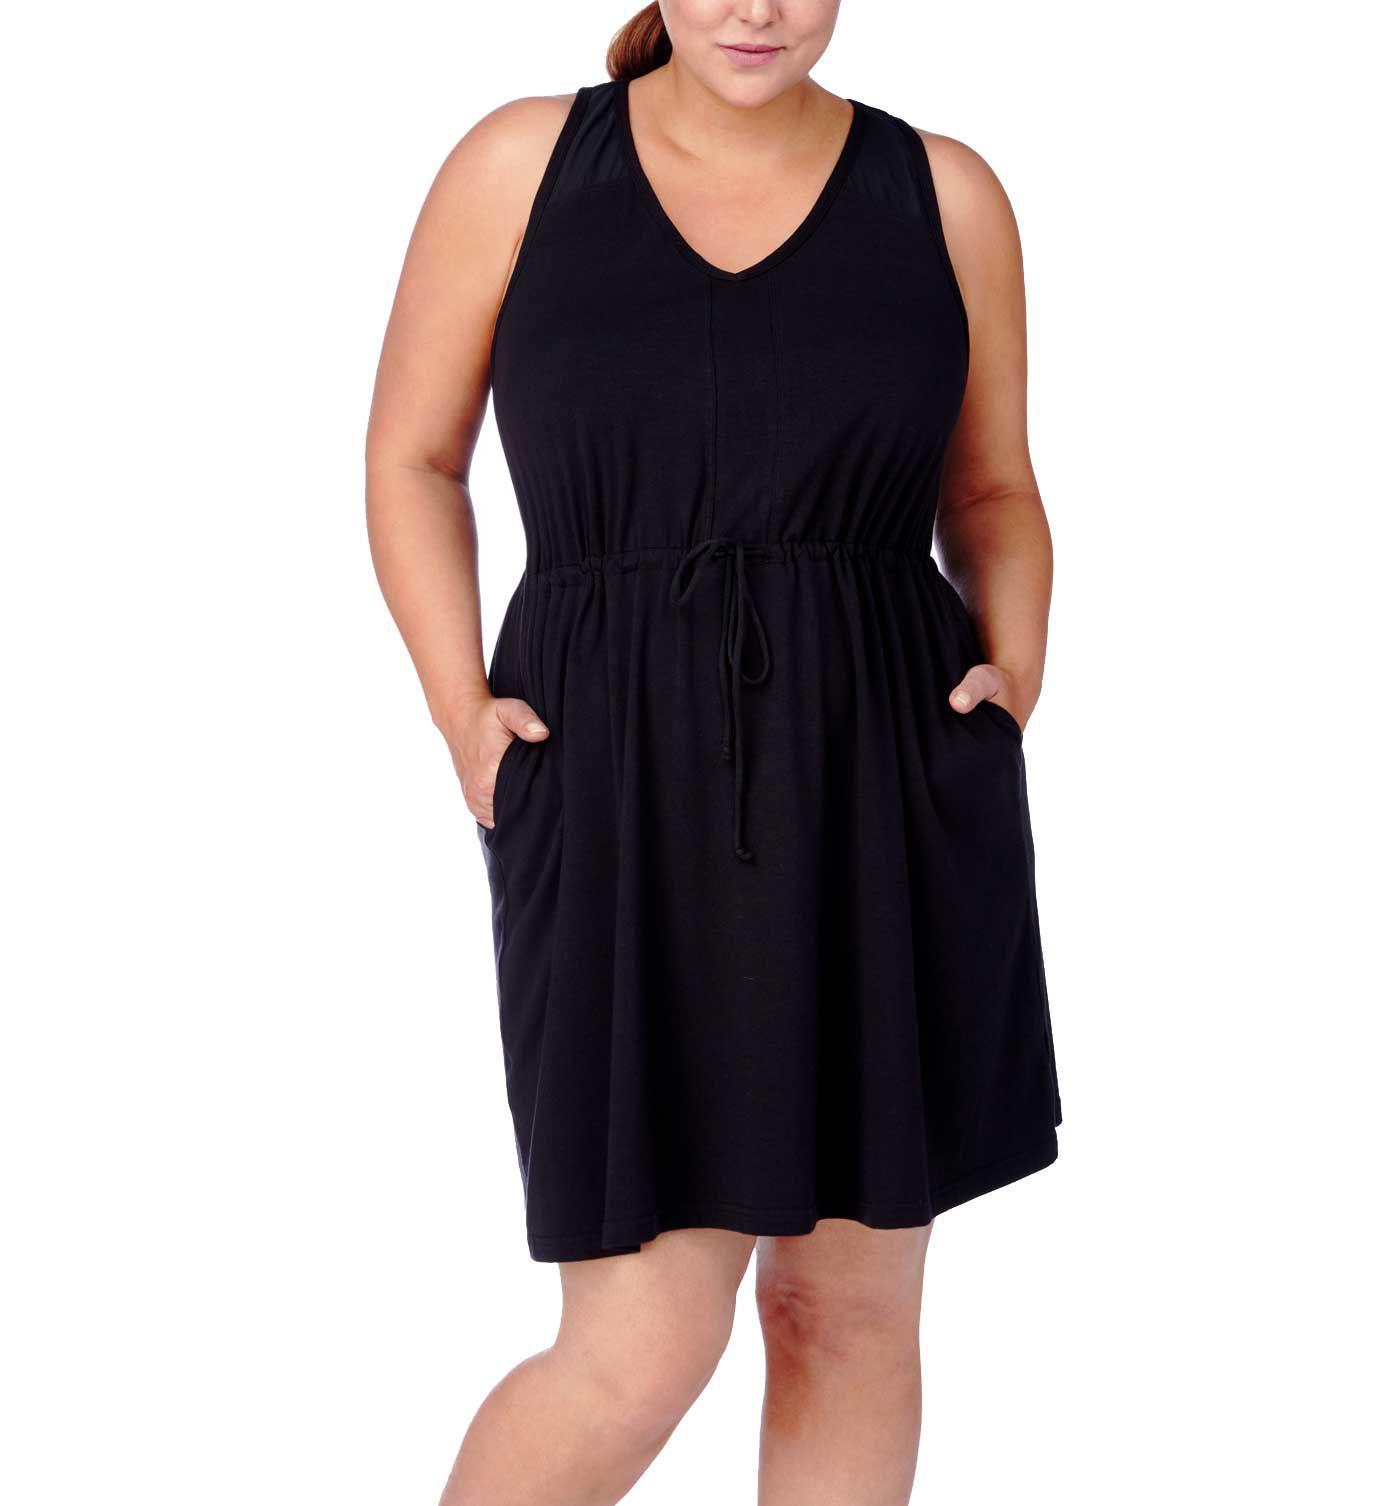 Rainbeau Curves Women's Plus Size Paige Dress